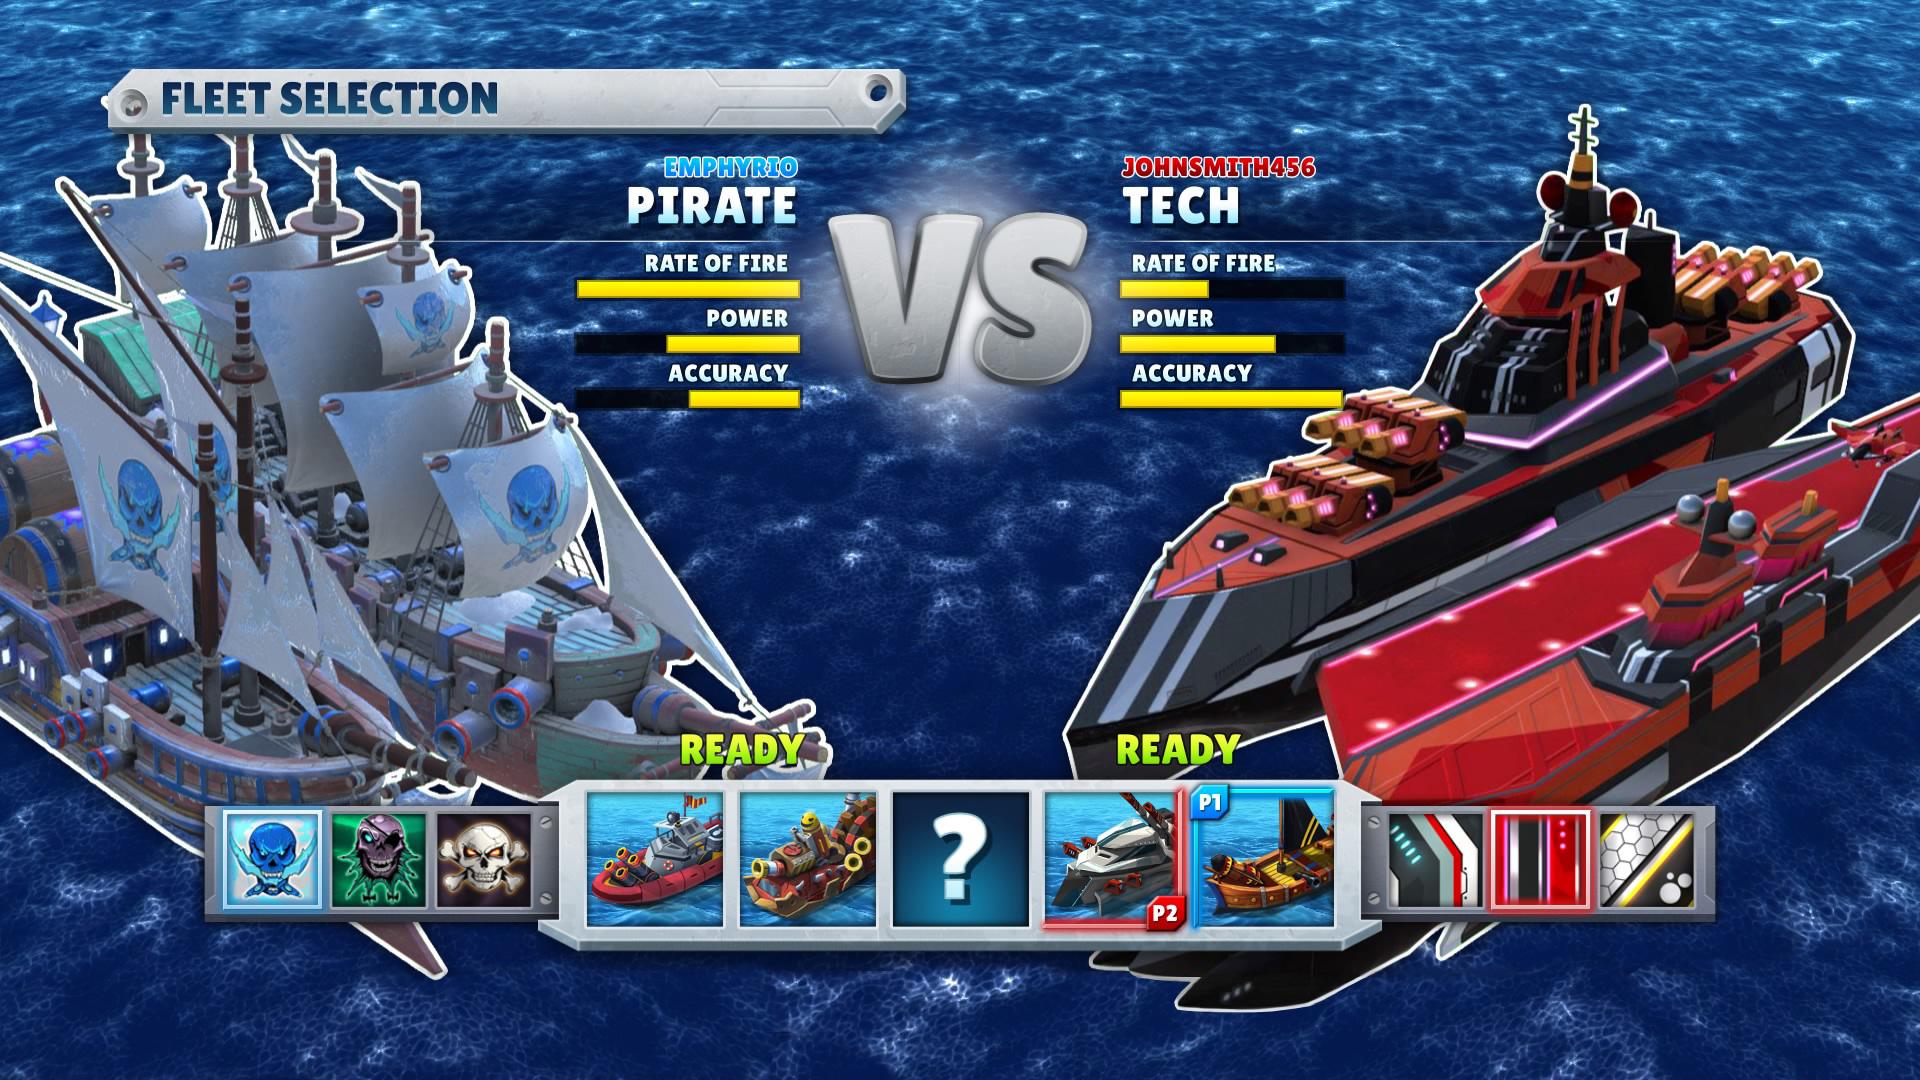 Ubisoft Offizielle Webseite - Flottenmanöver bestimmt für Flottenmanöver Online